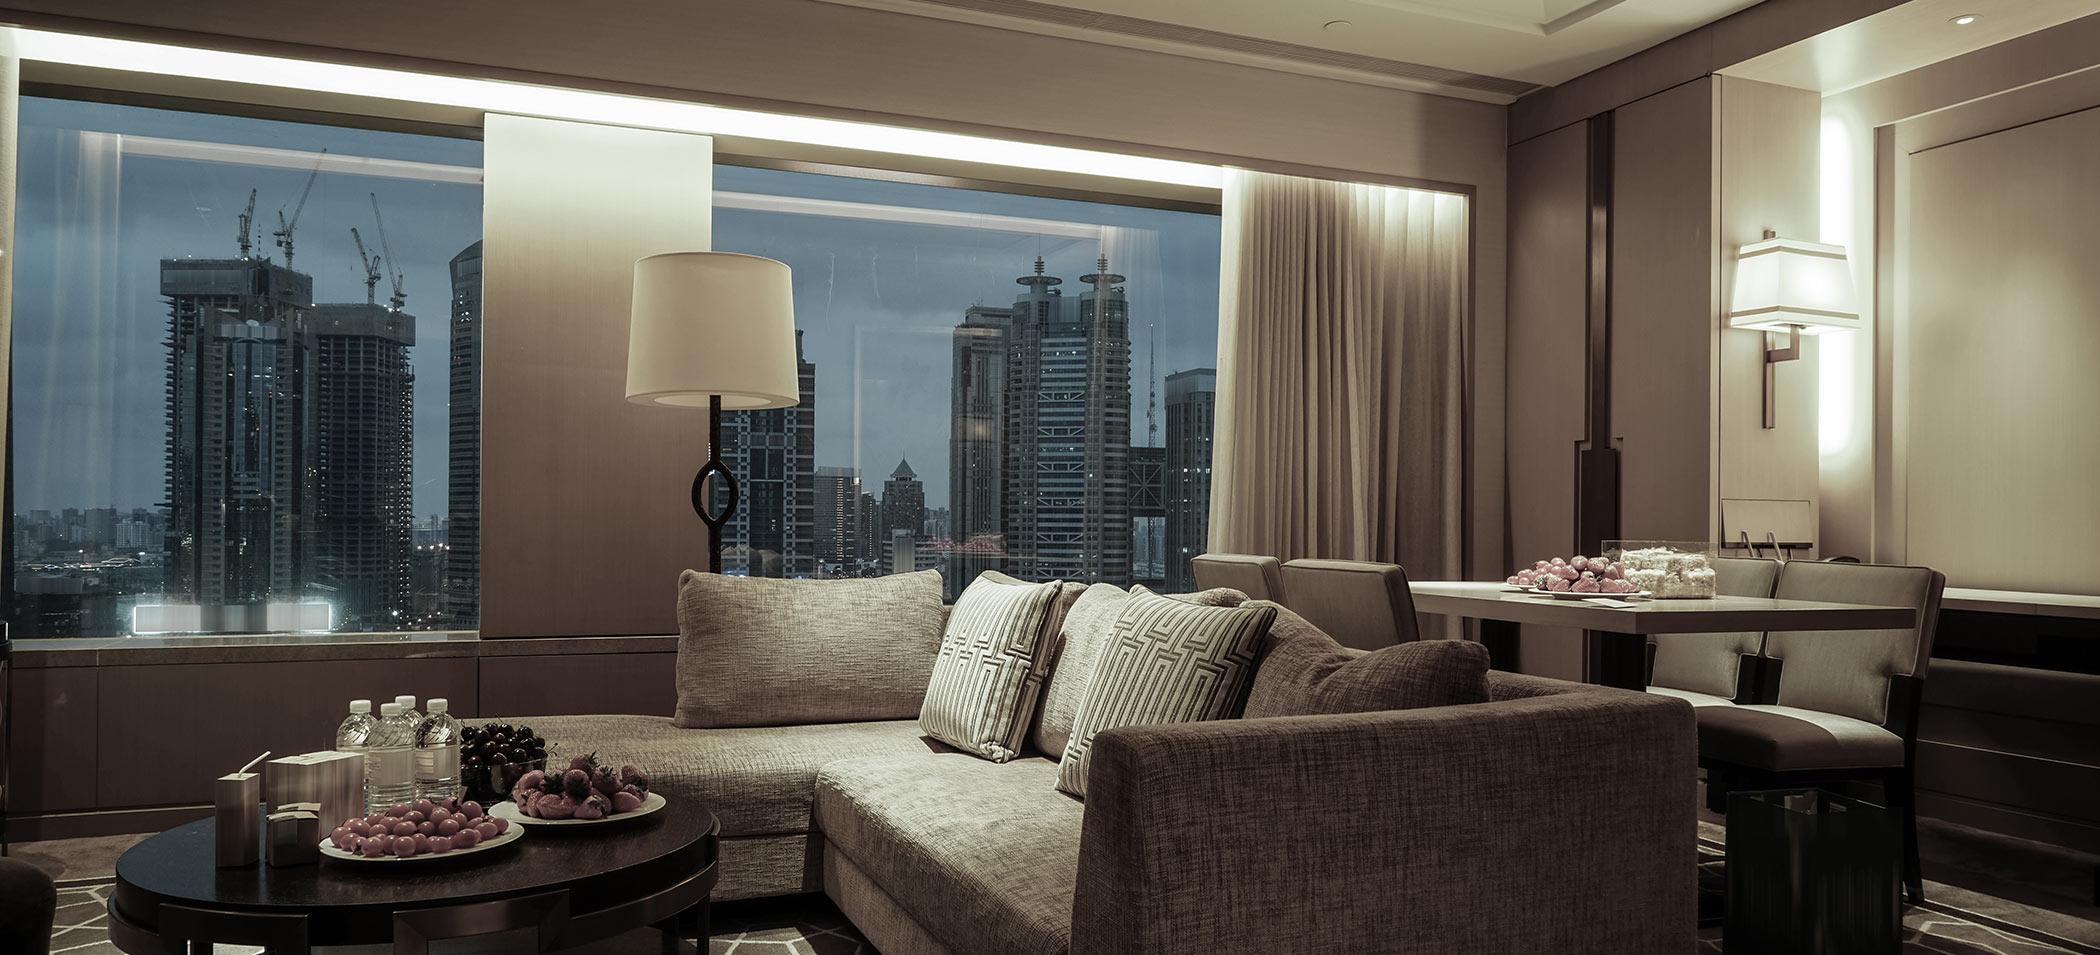 Elektricien-Hotels - Bakni Elektrotechniek